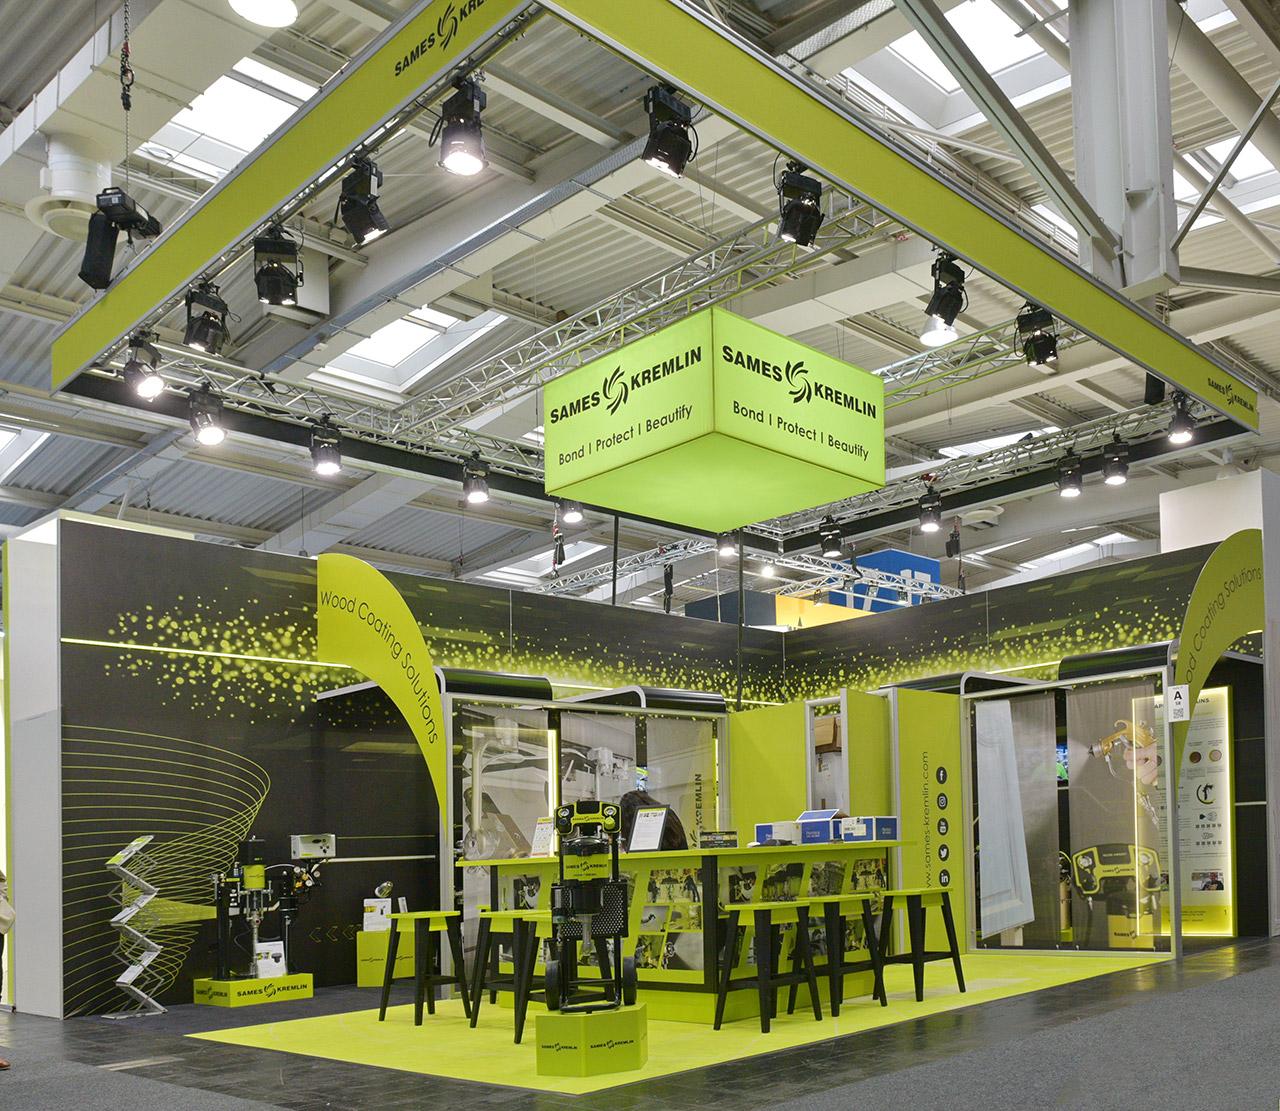 Messebau Düsseldorf: Messestand mit guter Beleuchtung, Logowürfel, Bartheke und Podest für Exponate